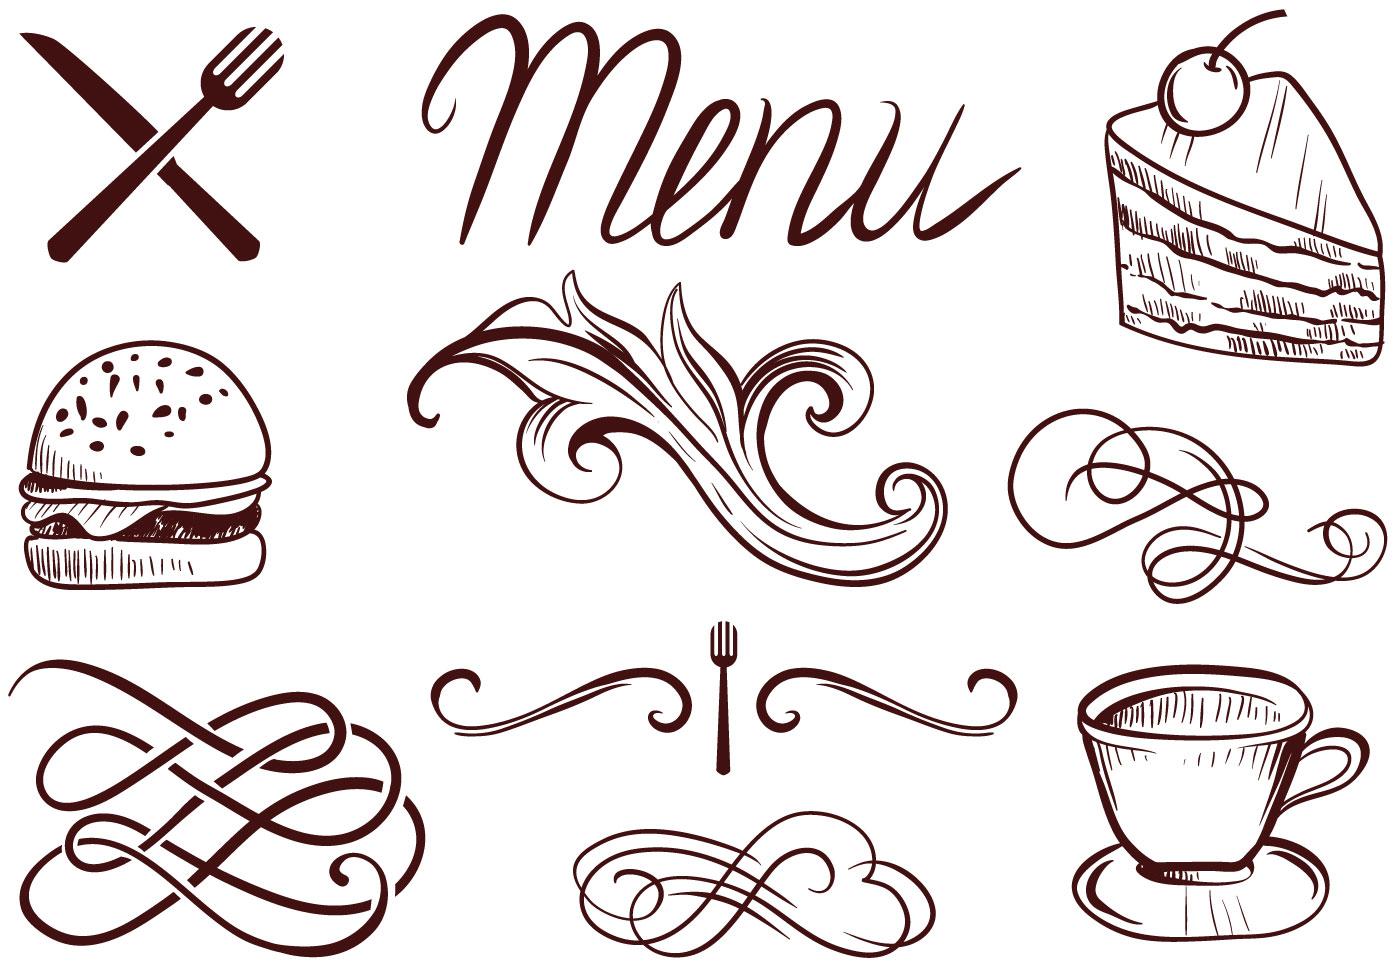 餐廳素材 免費下載 | 天天瘋後製